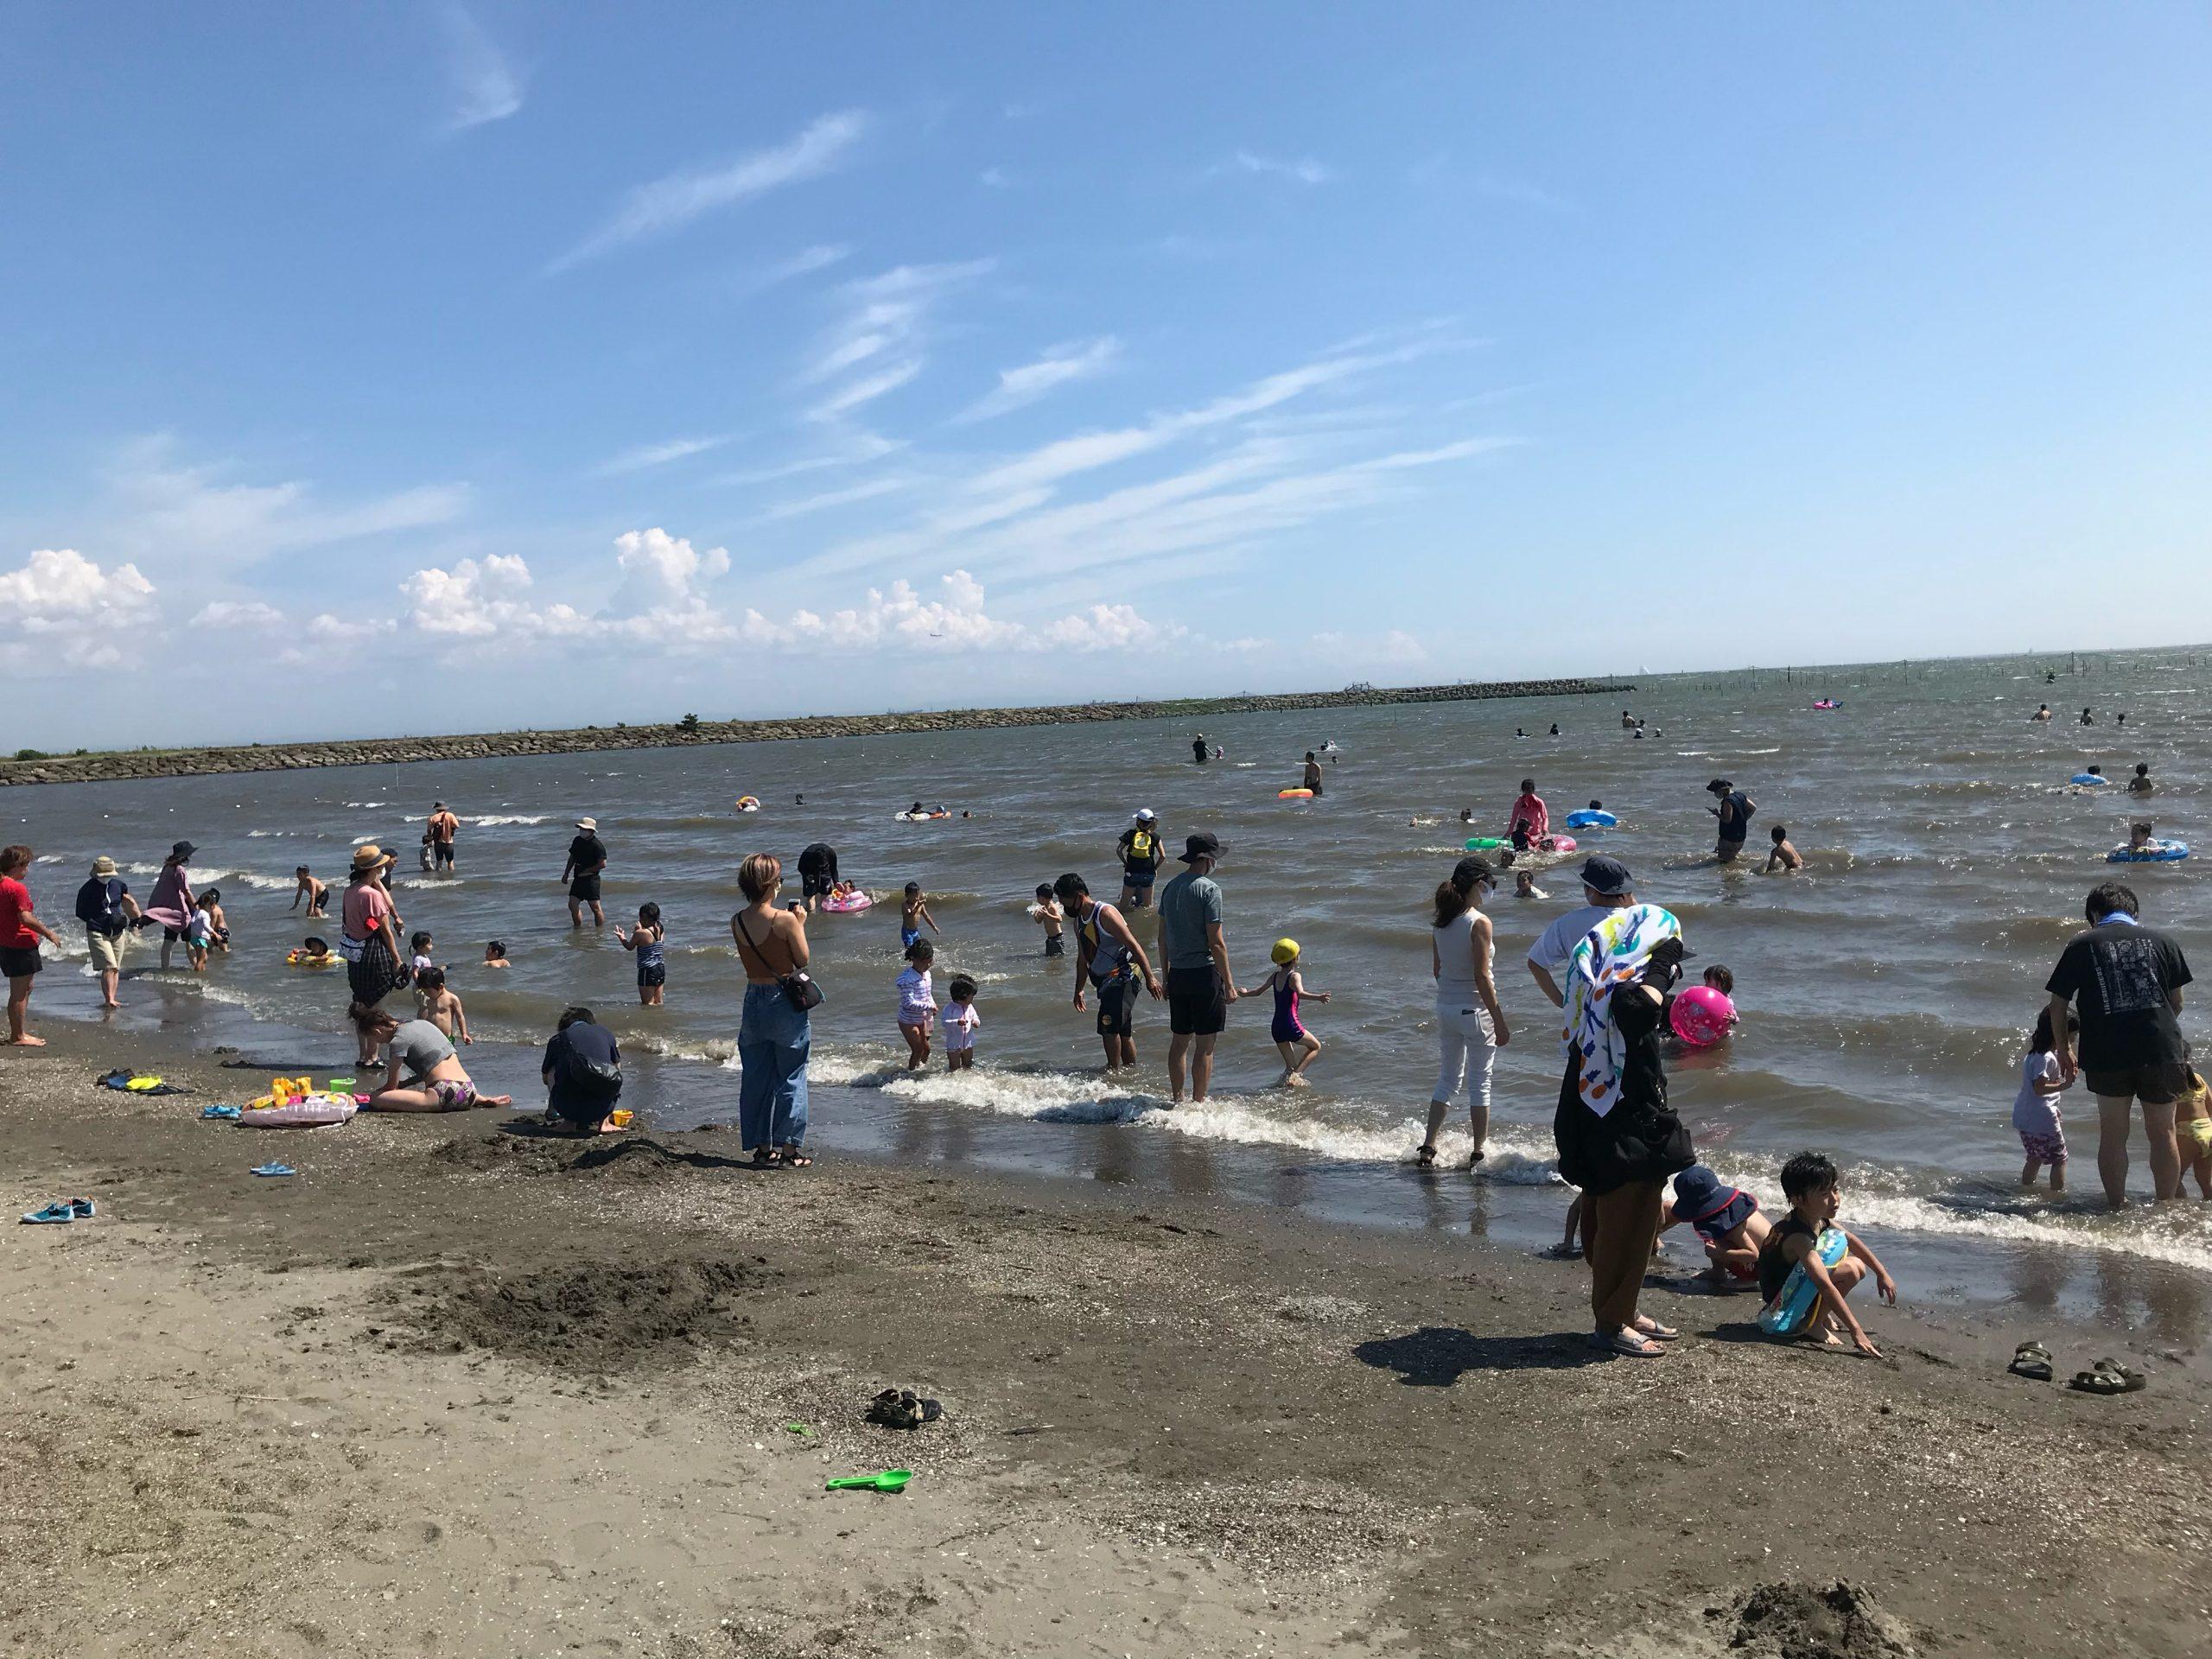 海水浴体験エリア(海風の広場)